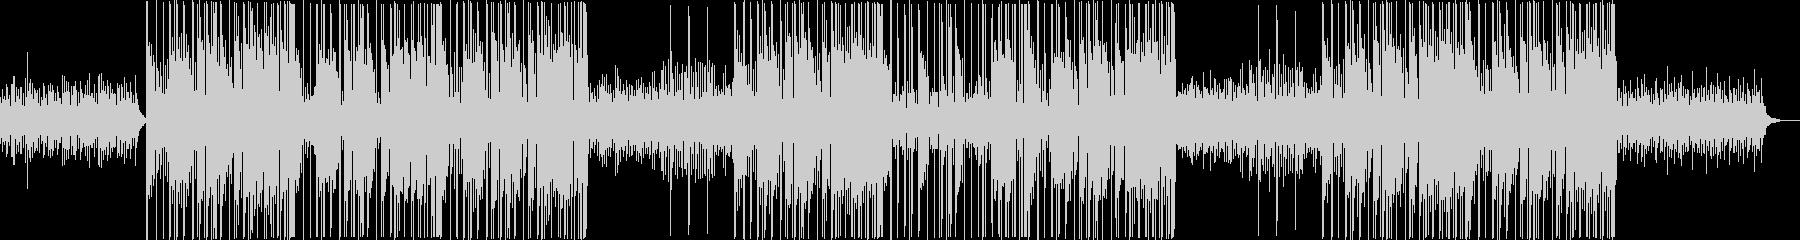 浮遊感のあるシンセ音が特徴のトラップの未再生の波形